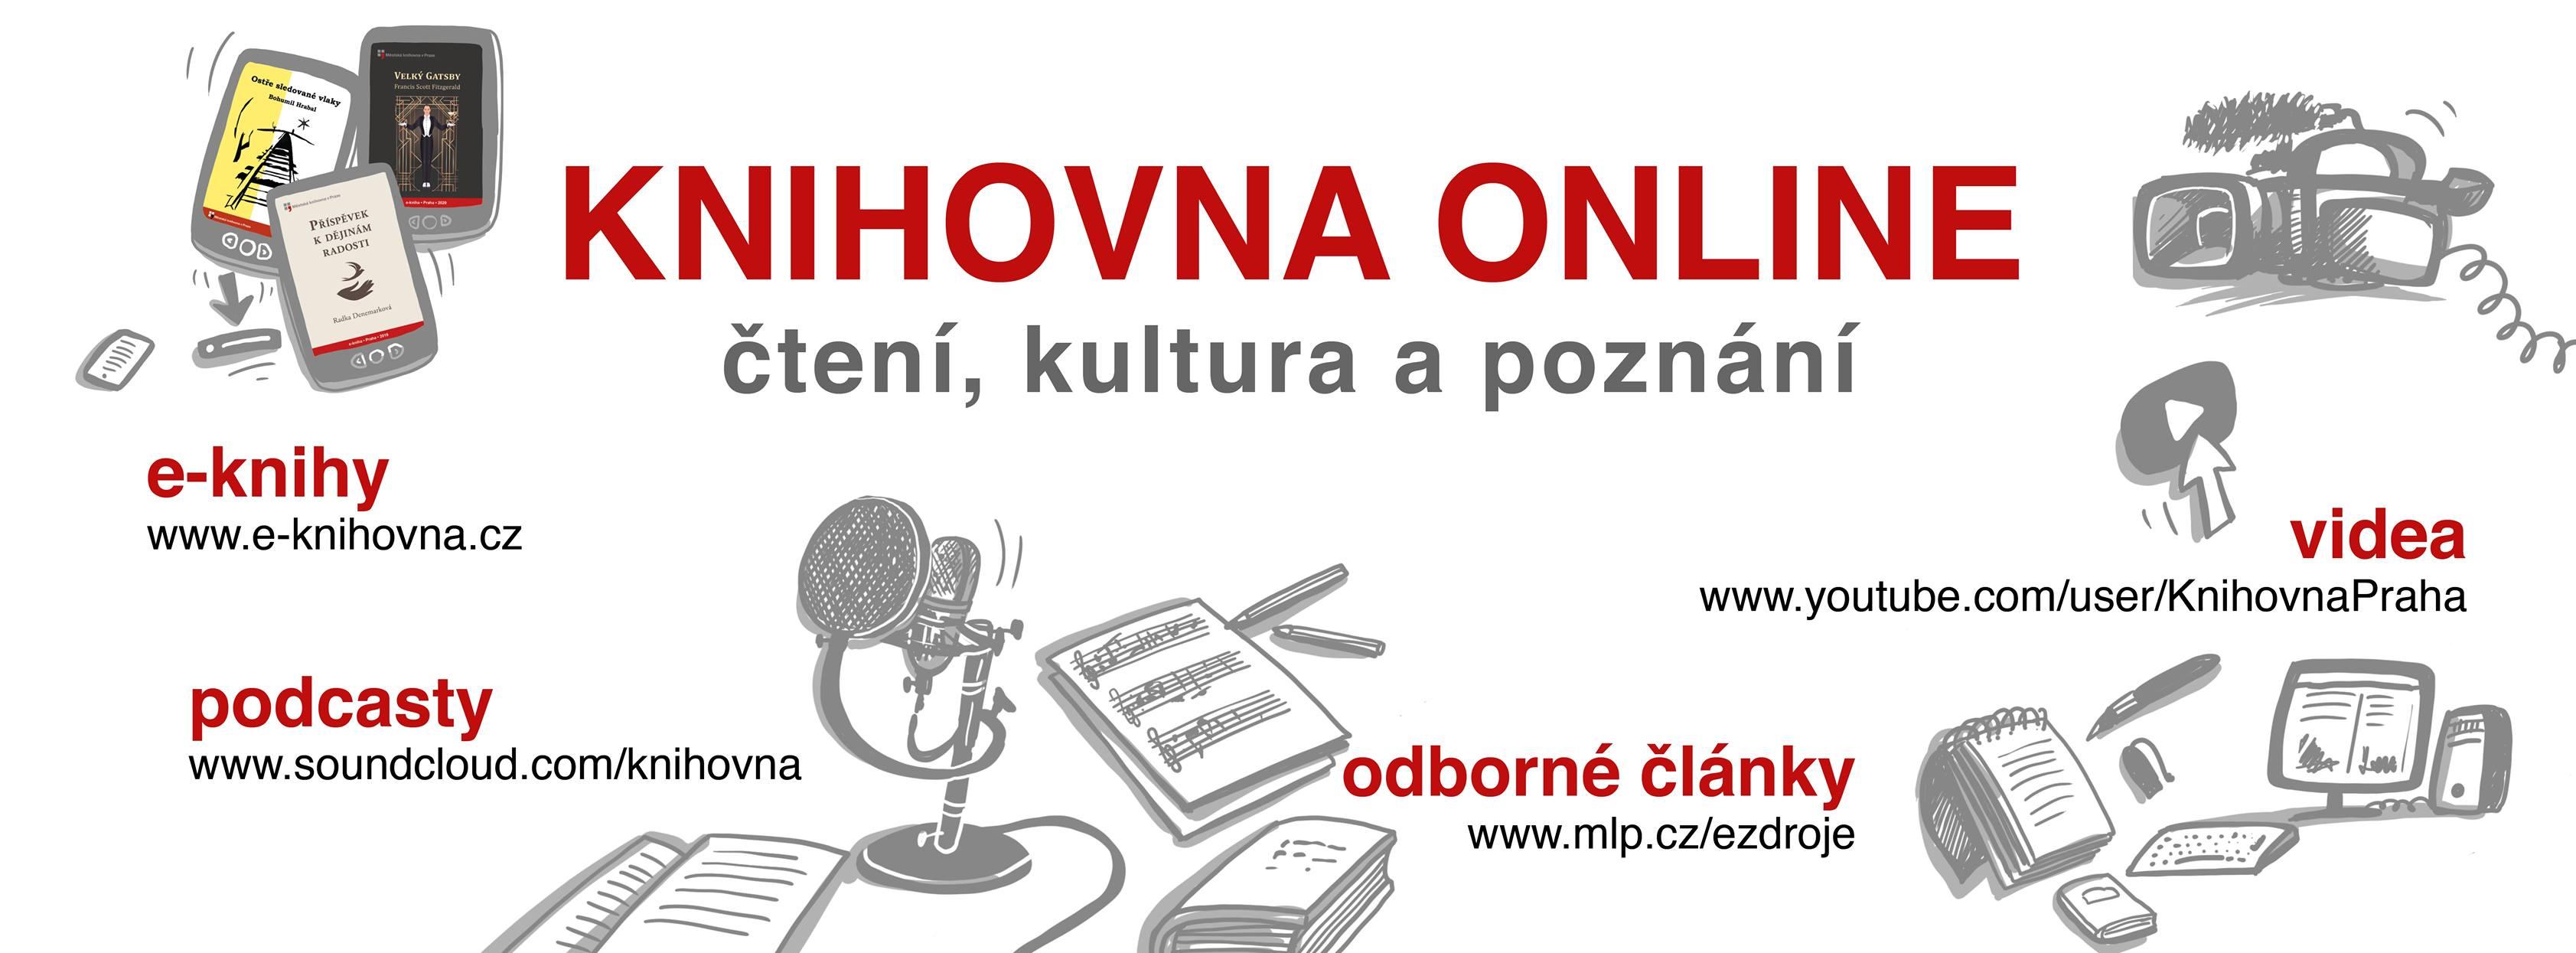 knihovna-ma-otevreno-vybrane-akce-budou-online